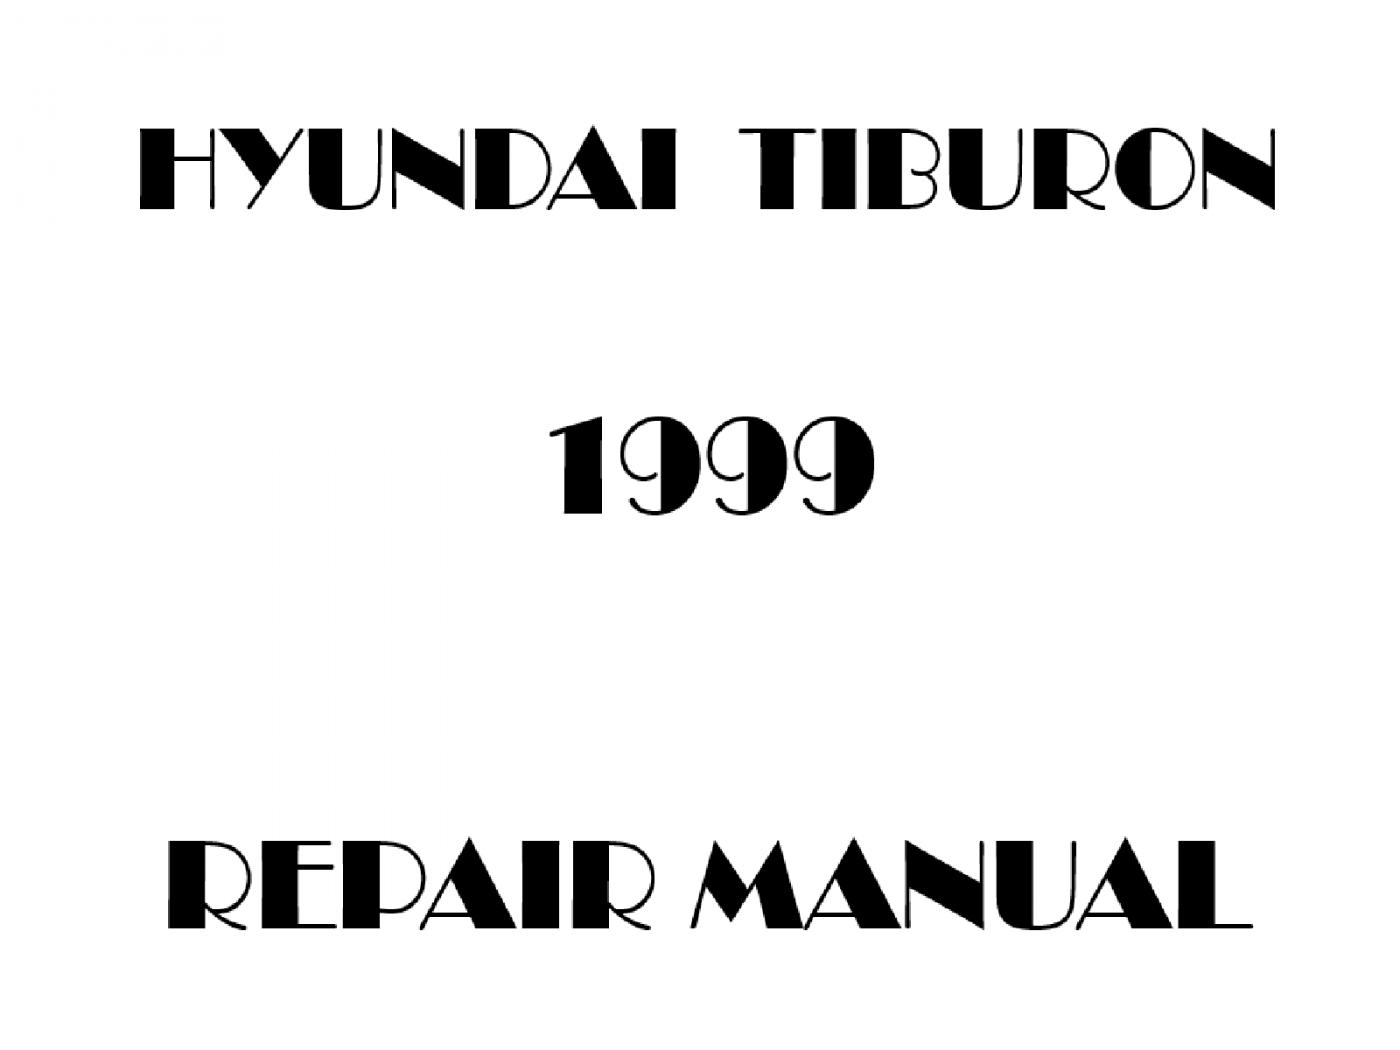 1999 Hyundai Tiburon repair manual